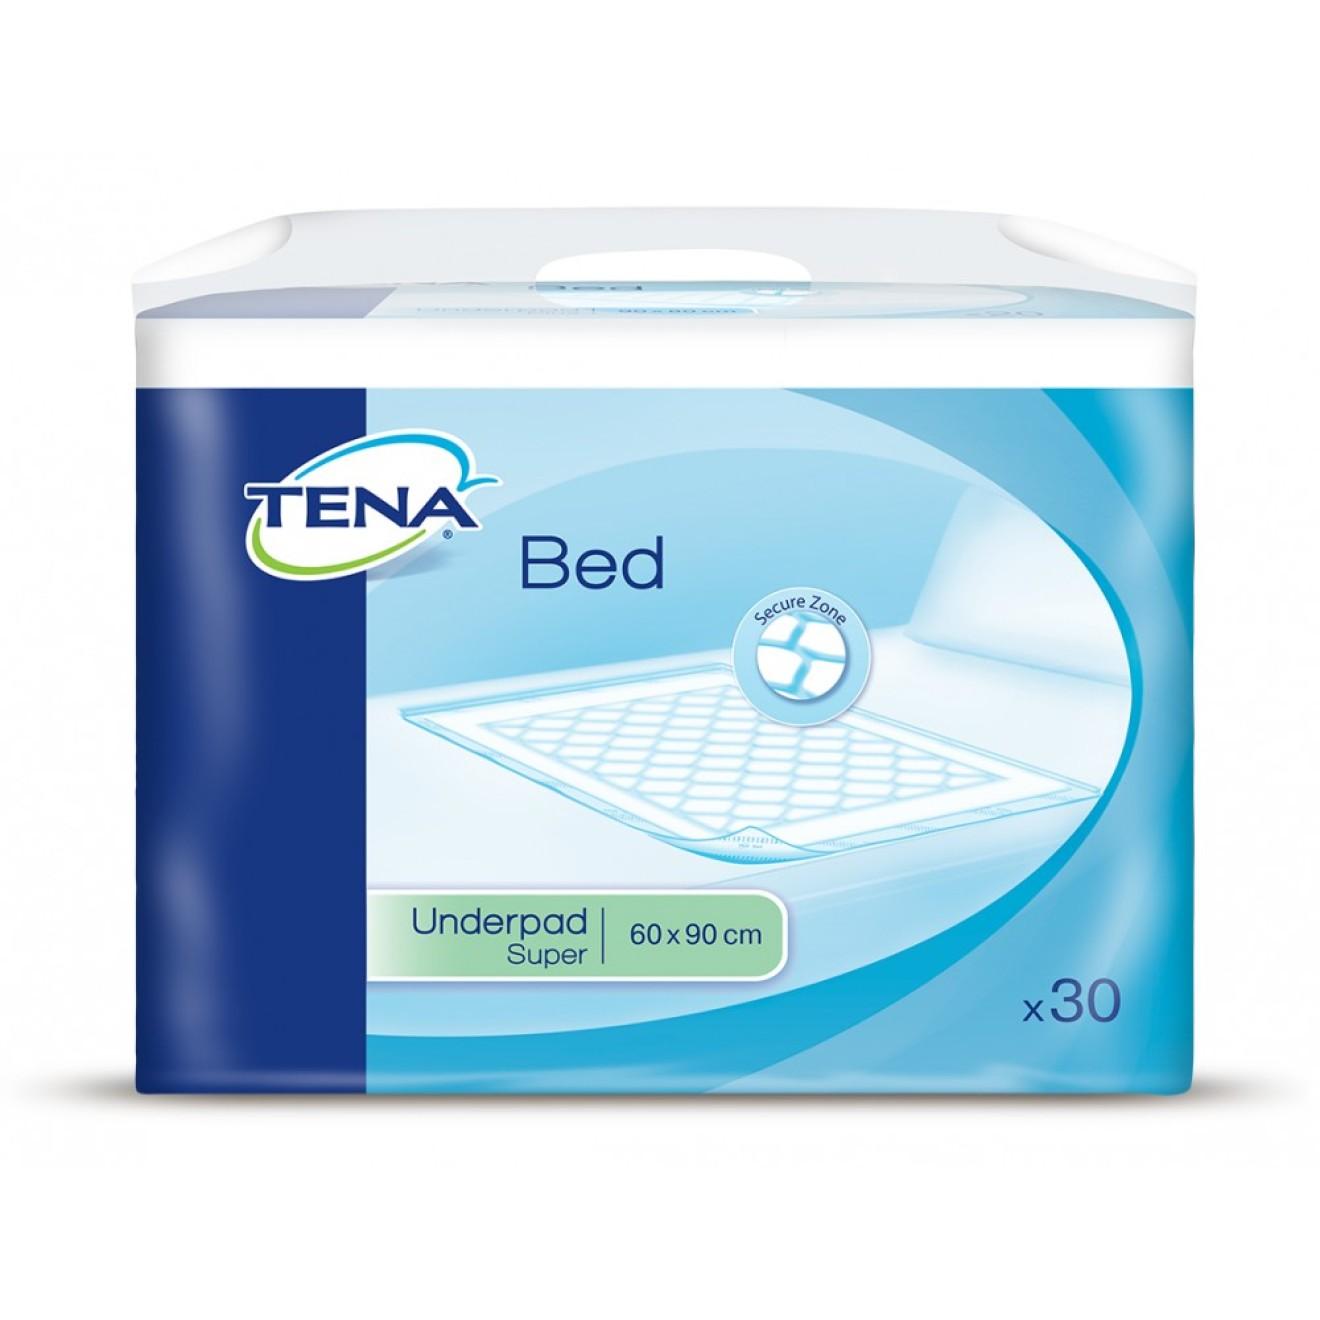 TENA Bed SUPER Secure Zone 60x90cm 30 ST